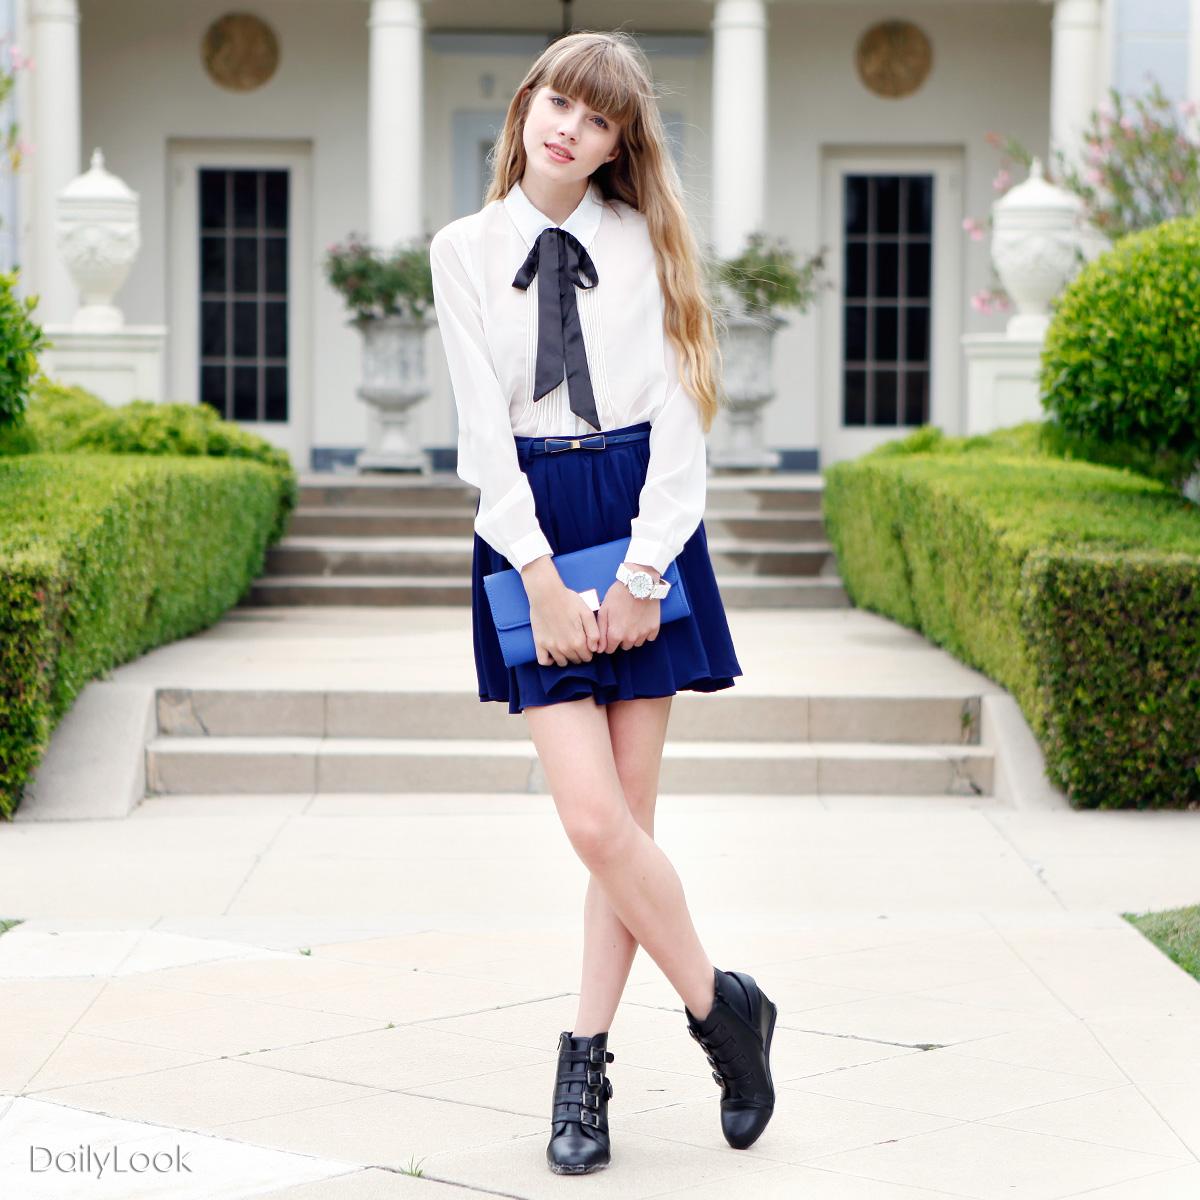 Schoolgirl Street Chic  Dailylook-8446